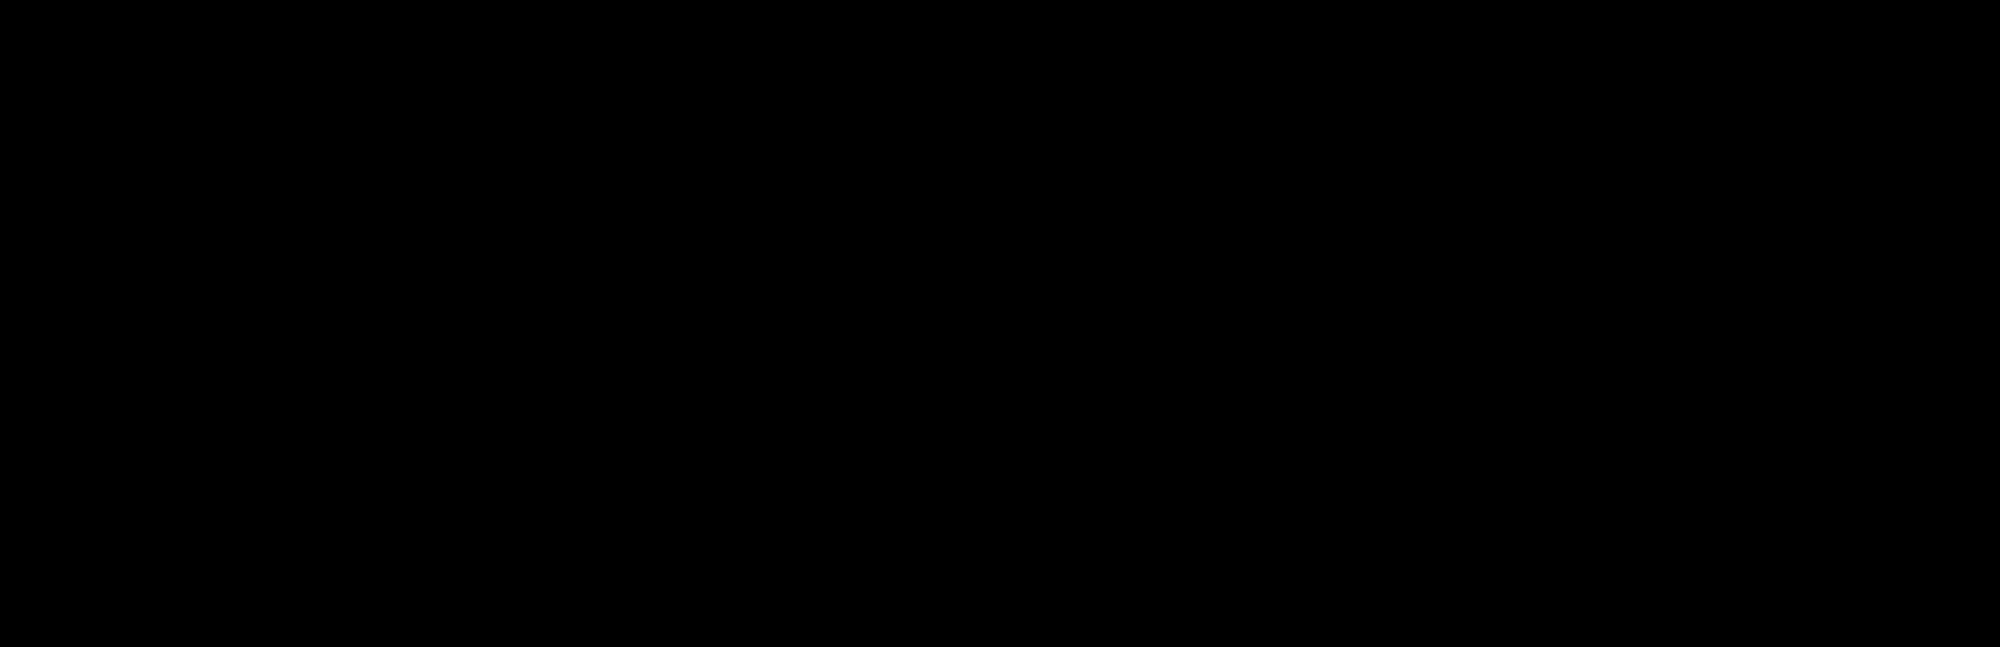 ADM-3A